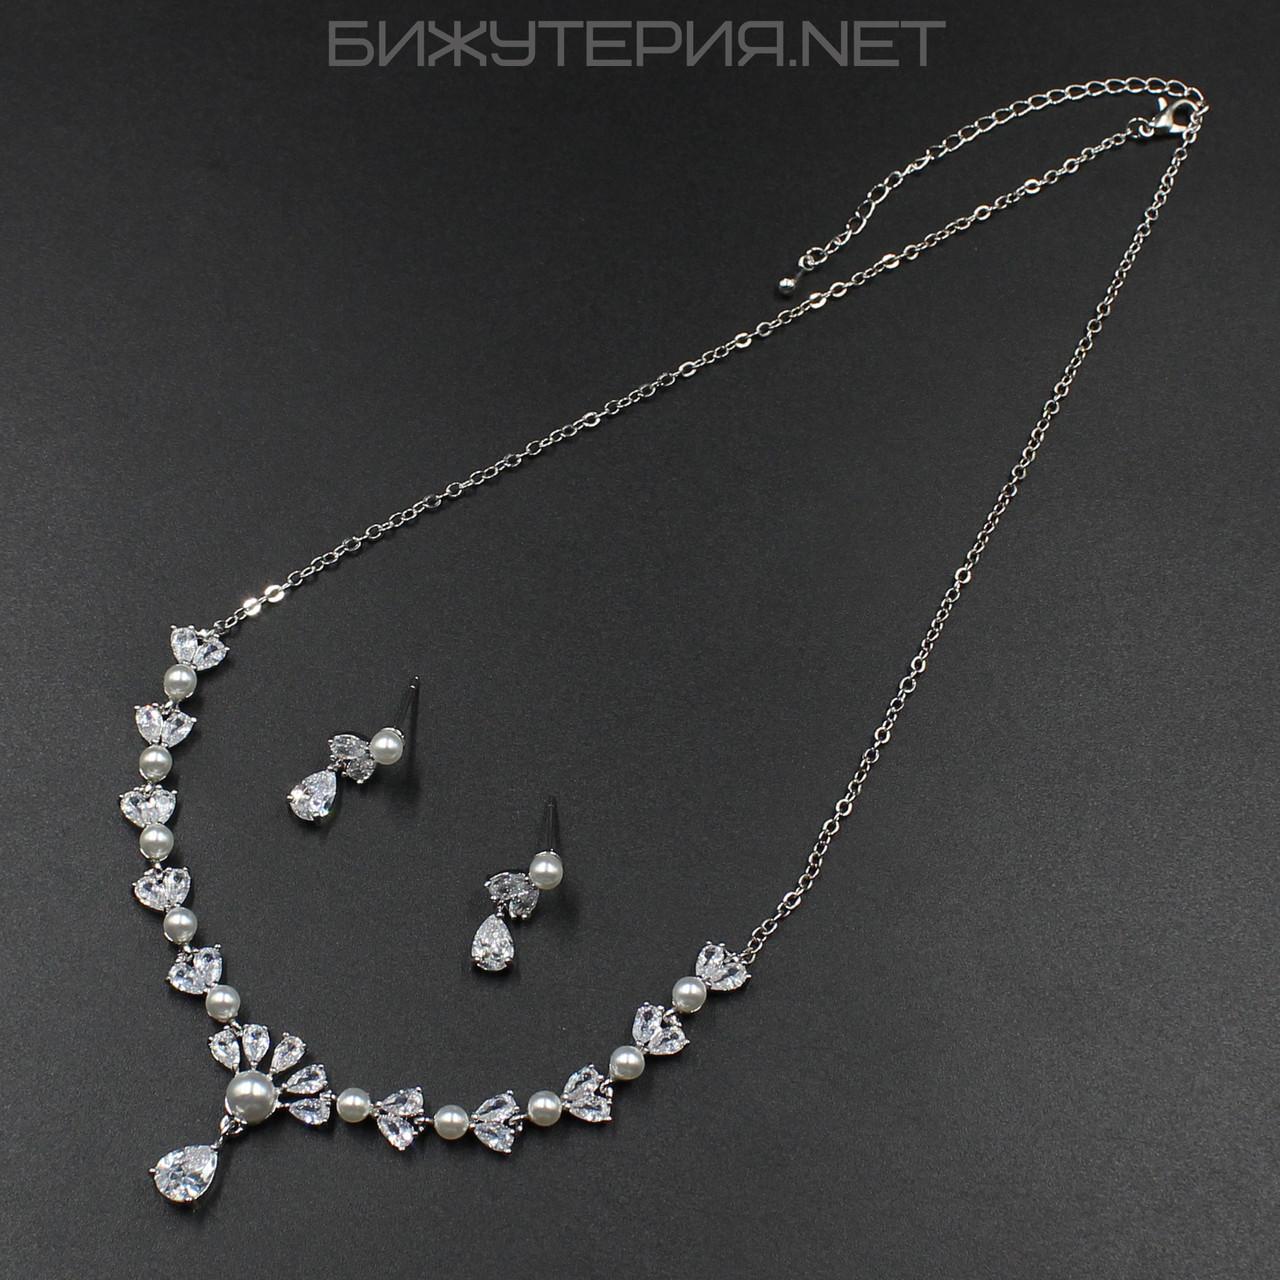 Комплект украшений JB Серьги и Колье декорирован кристаллами и искусственным жемчугом - 1053784796